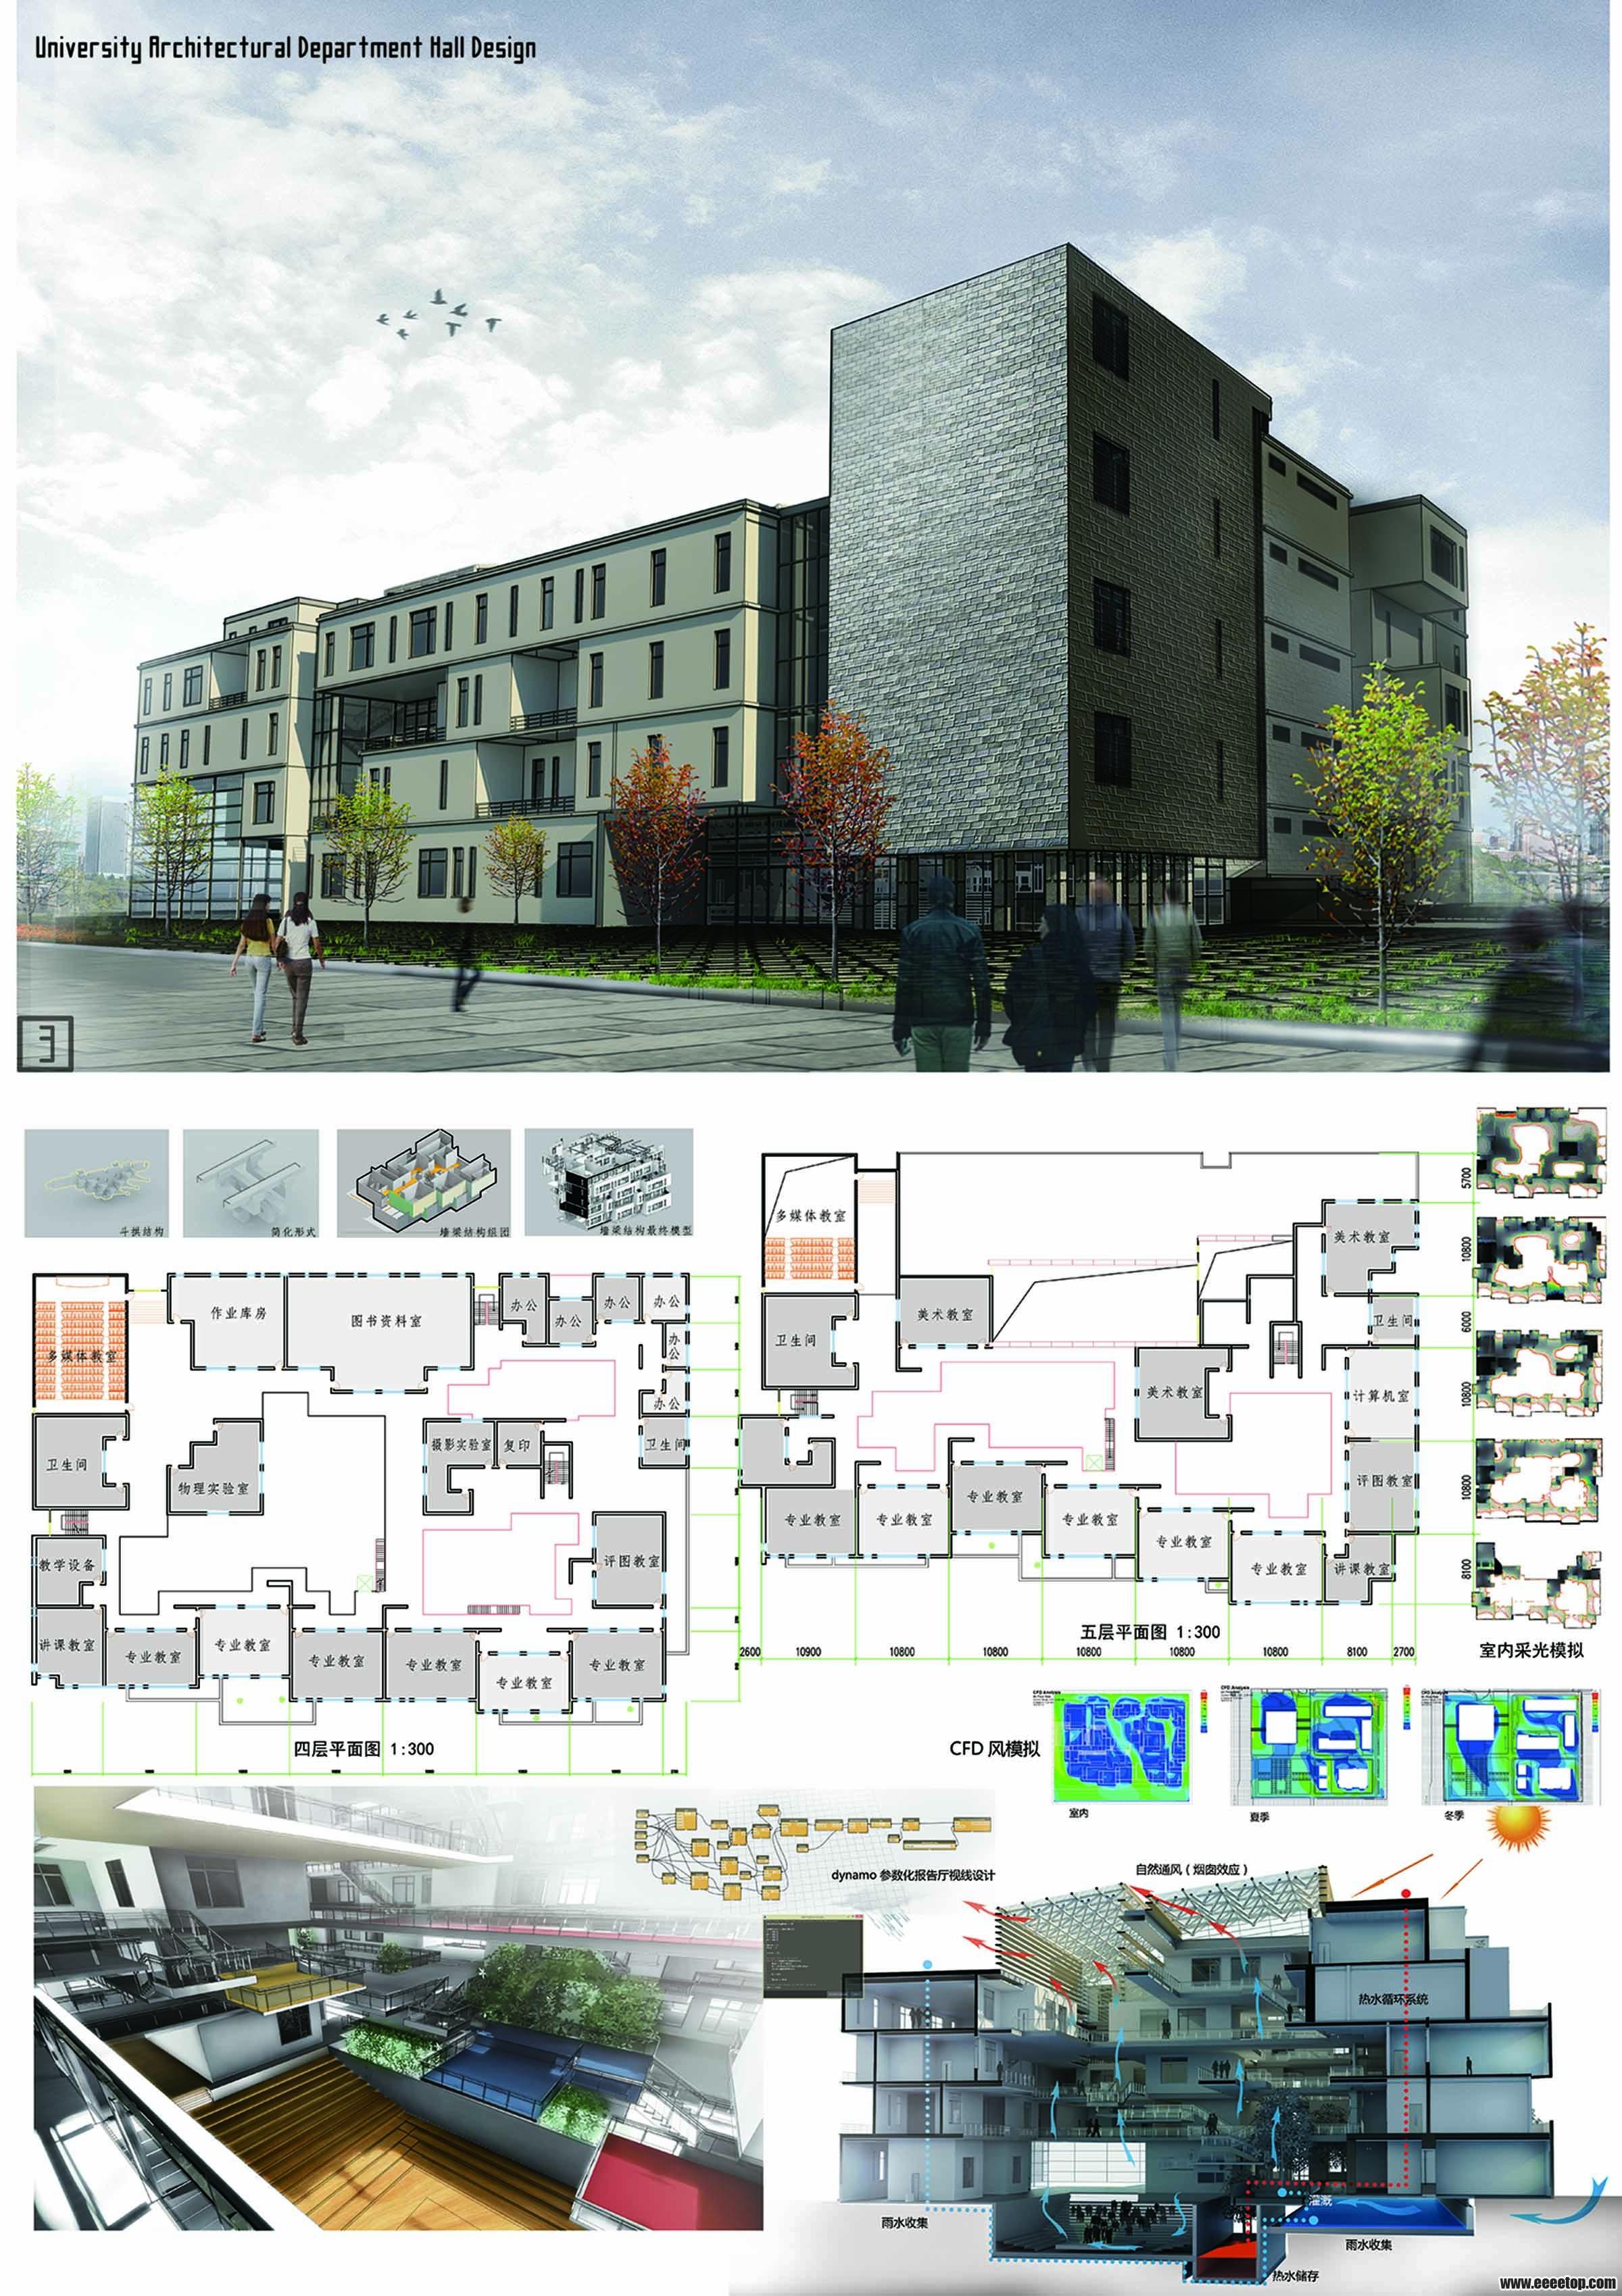 2014revit杯建筑系馆设计作品